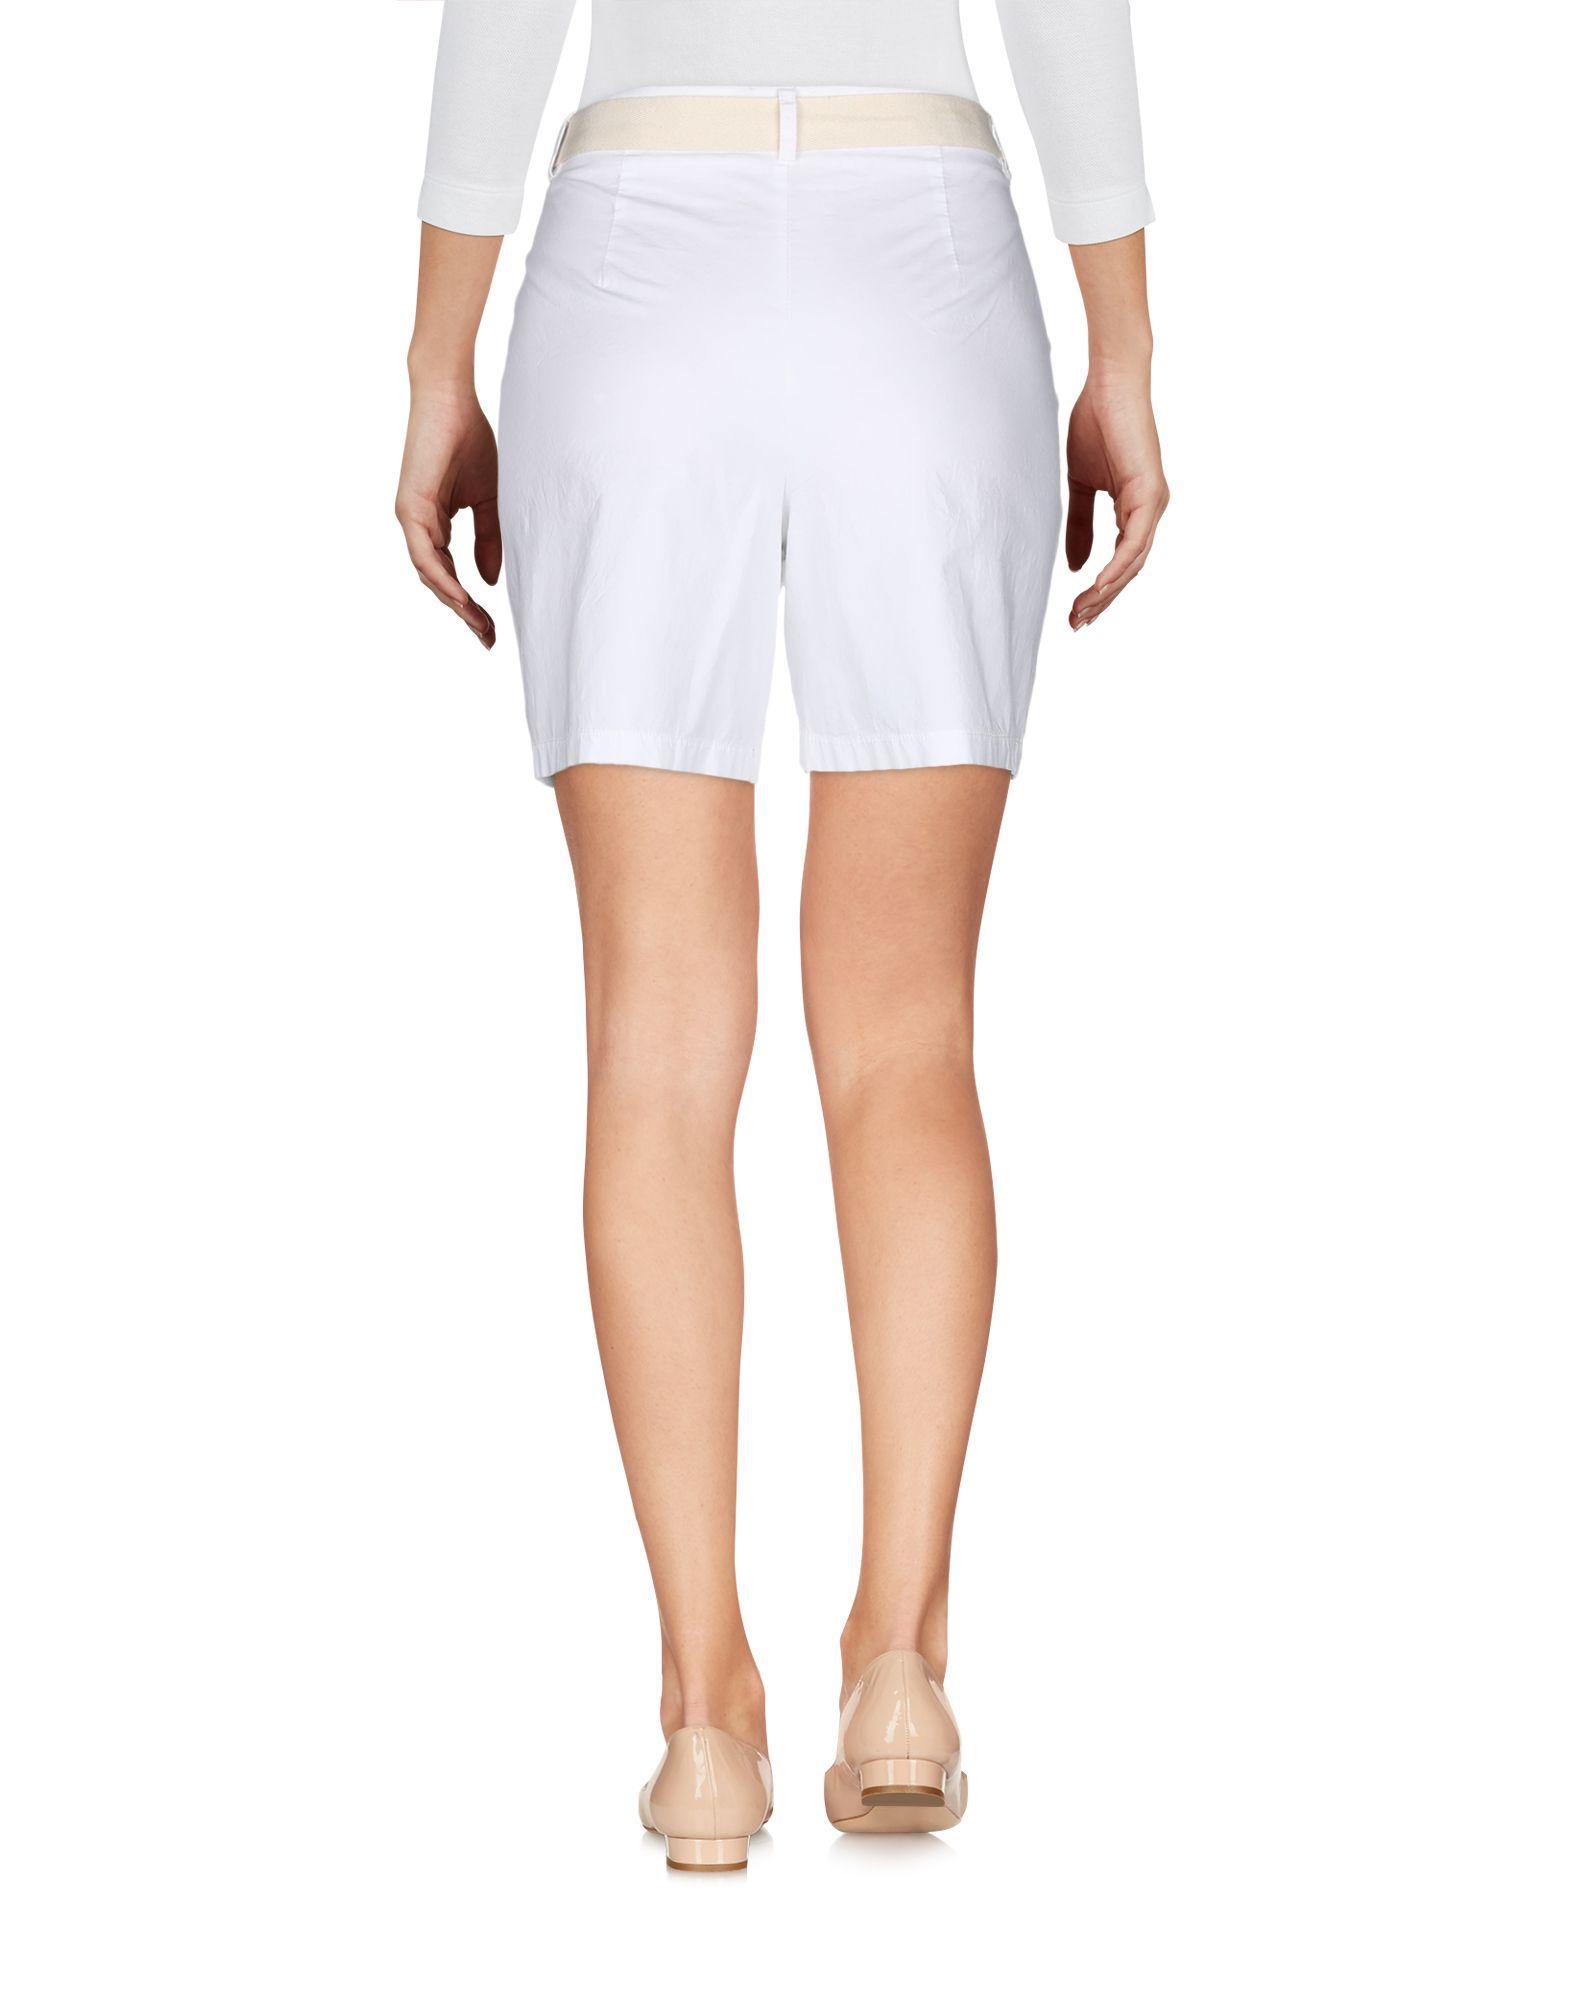 Bermuda Coton ..,merci en coloris Blanc